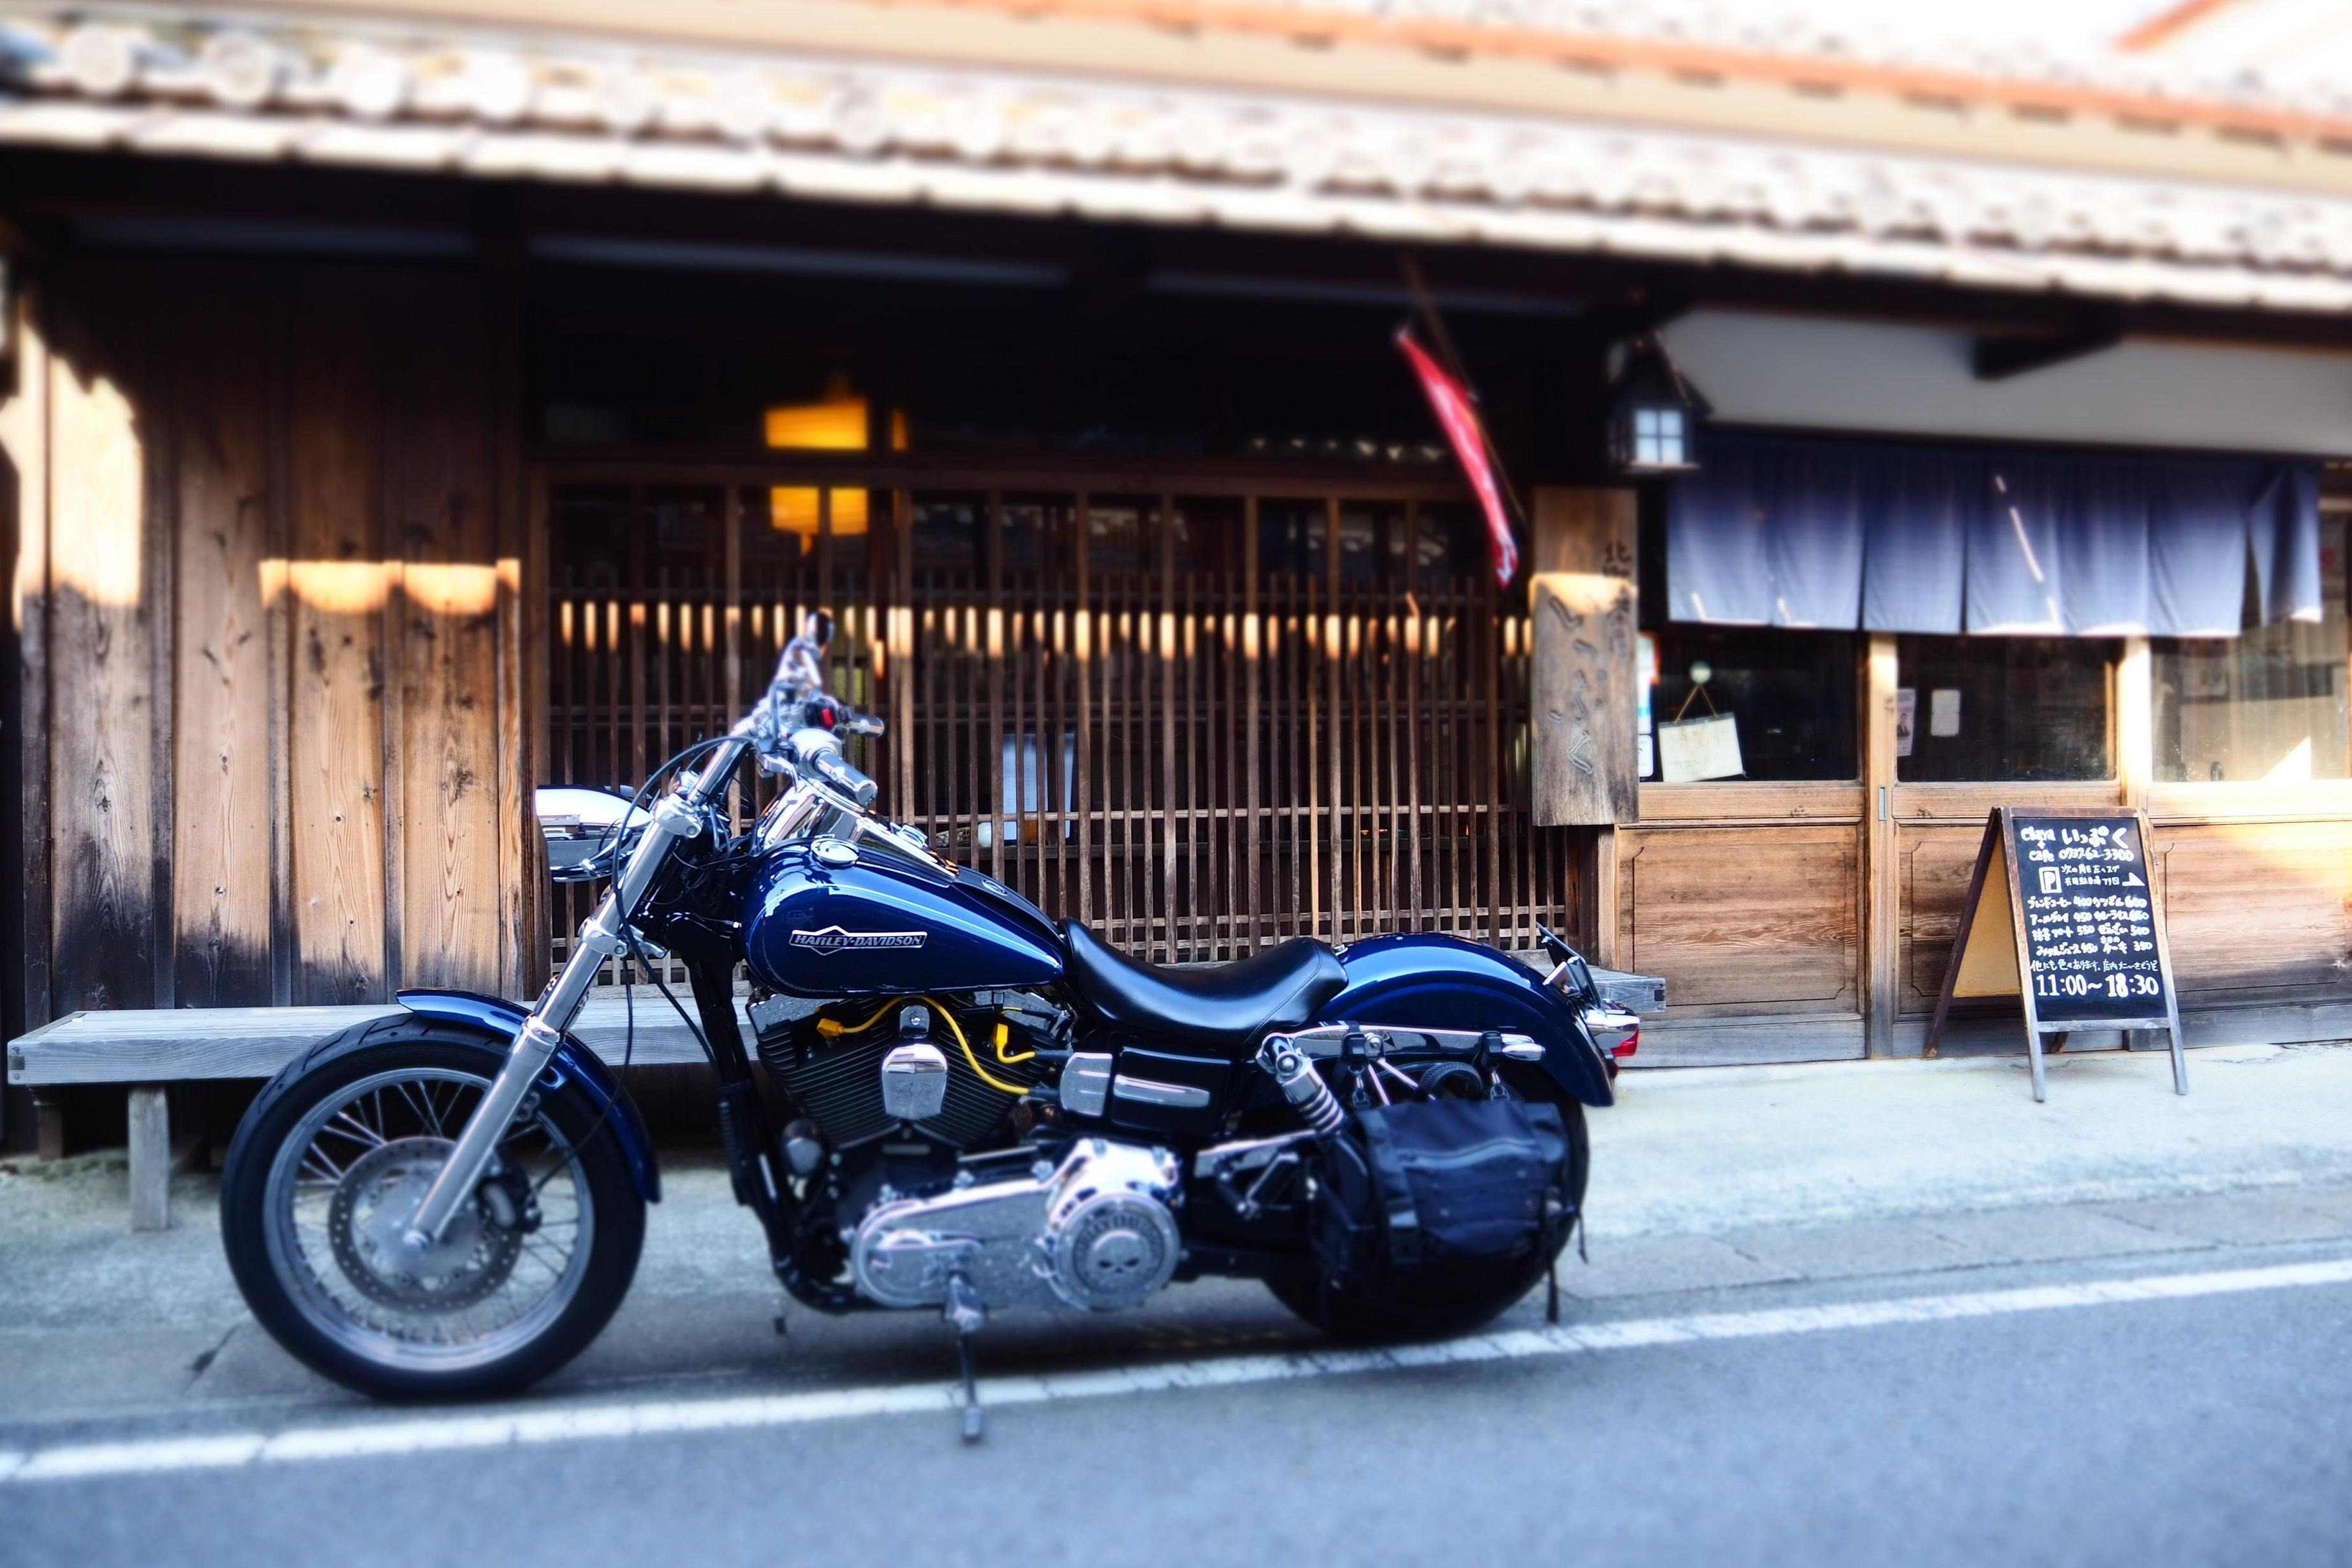 harleydavidson-motorcycle-touring-blog-wakayama-yuasatown-cafe.jpg